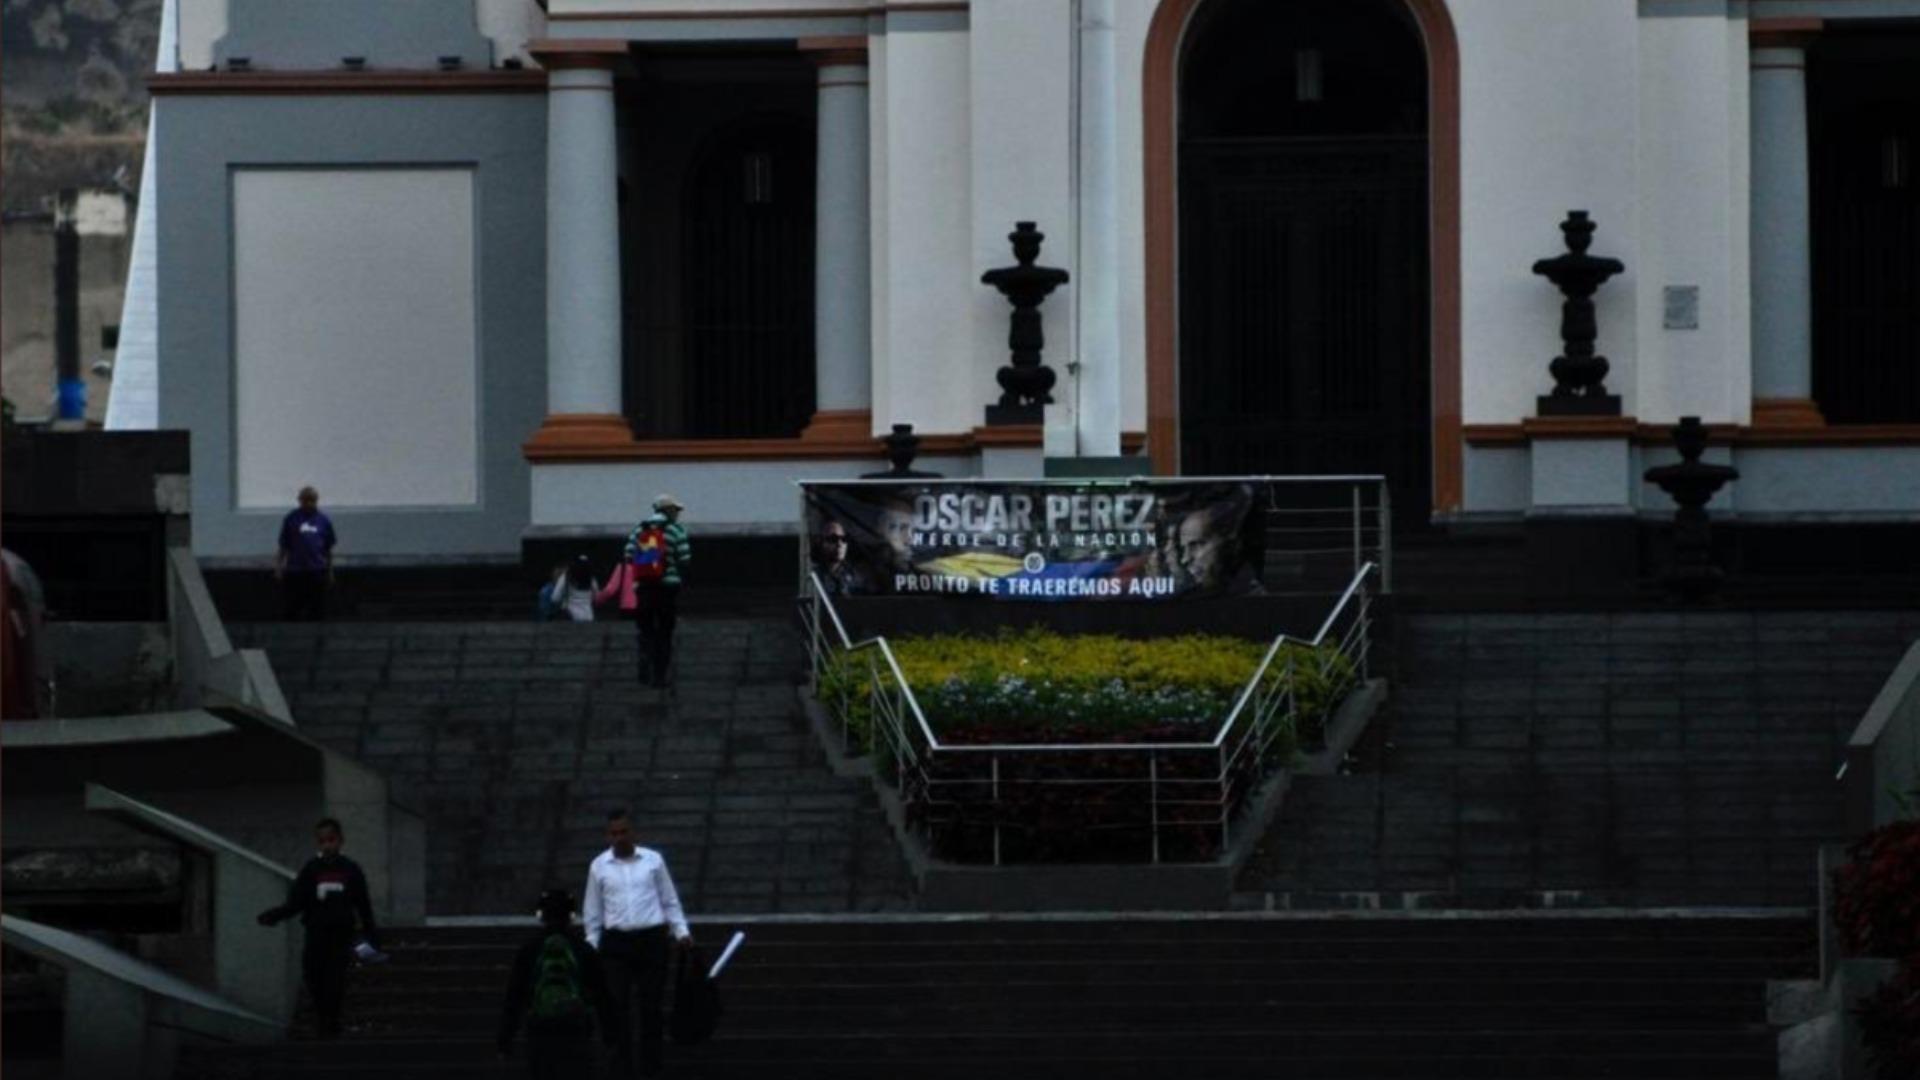 Cuelgan pancartas de Óscar Pérez en el Panteón Nacional